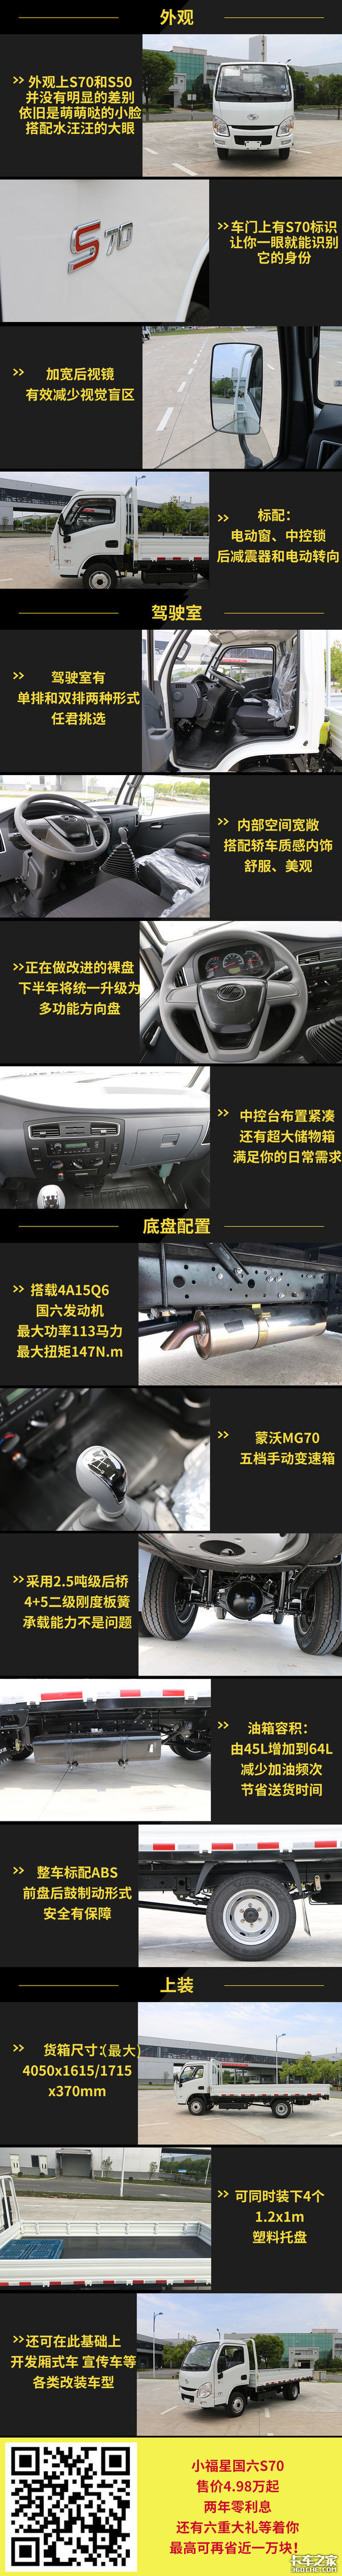 【优惠购车】国六小福星S70售价4.98万